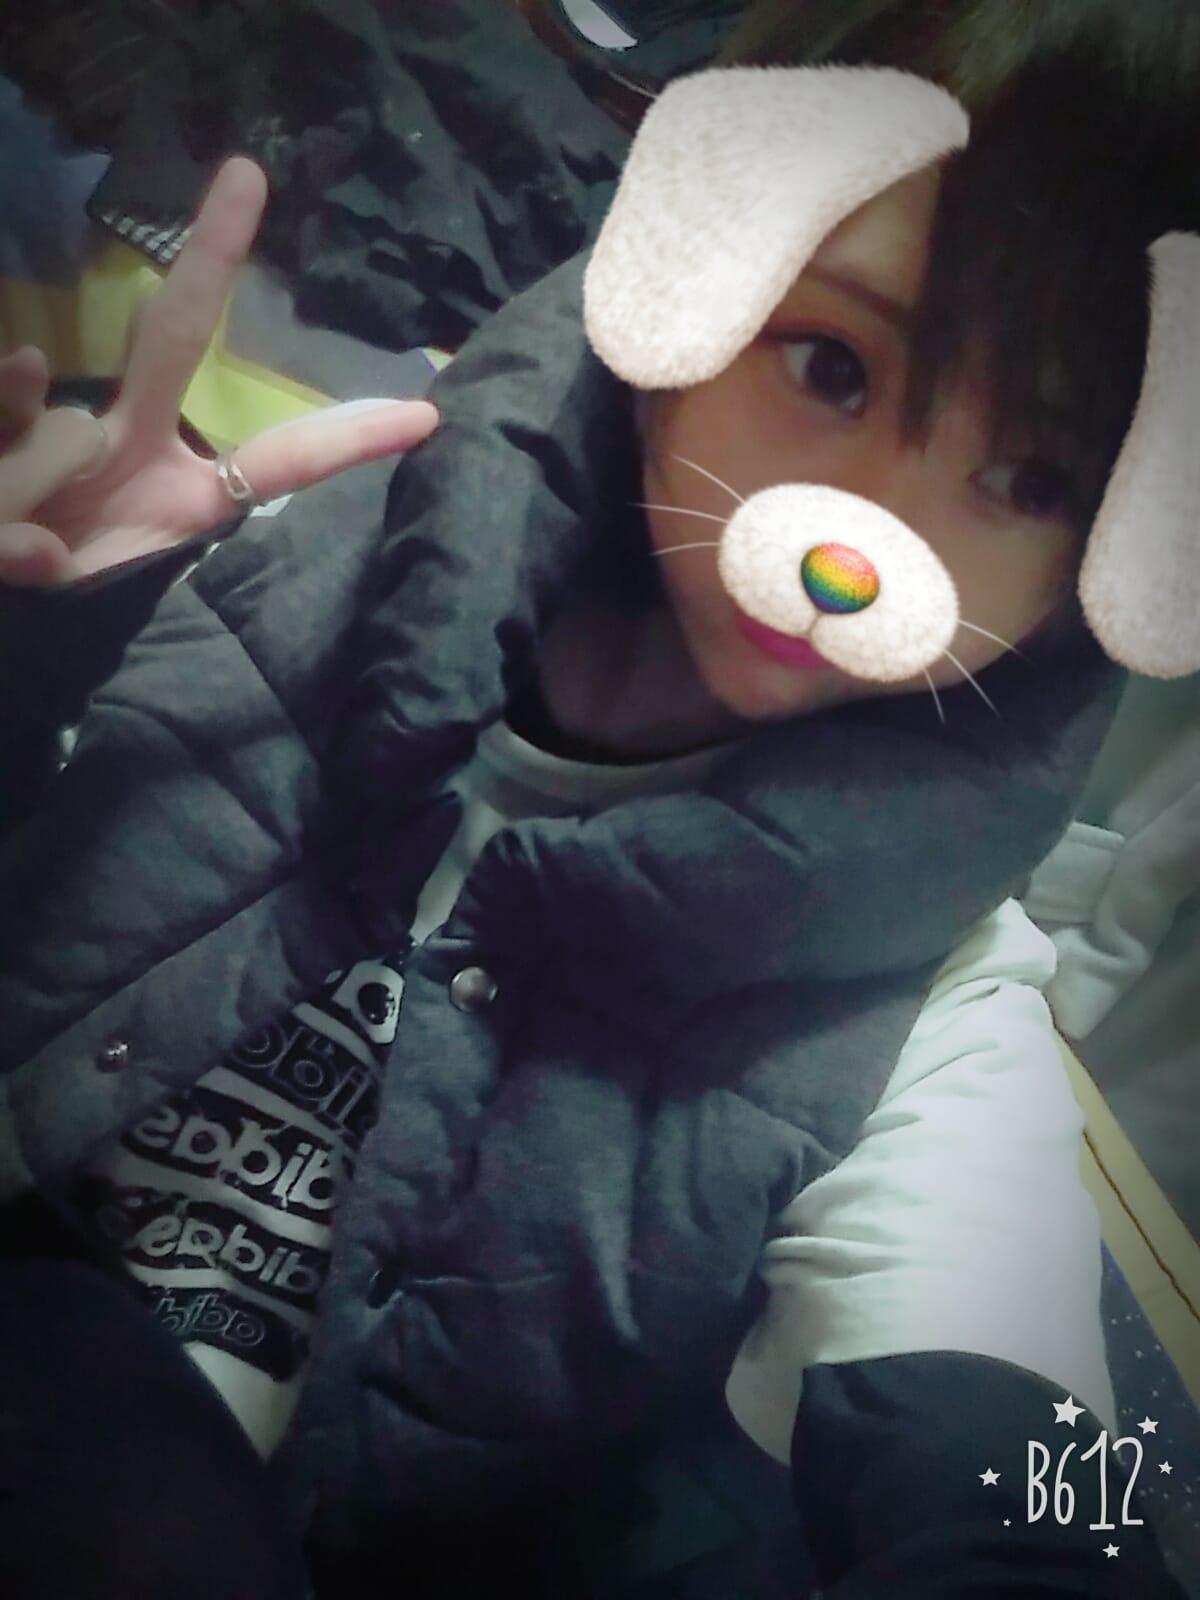 「おはようございまする!」09/22(金) 06:51 | Mina(みな)の写メ・風俗動画